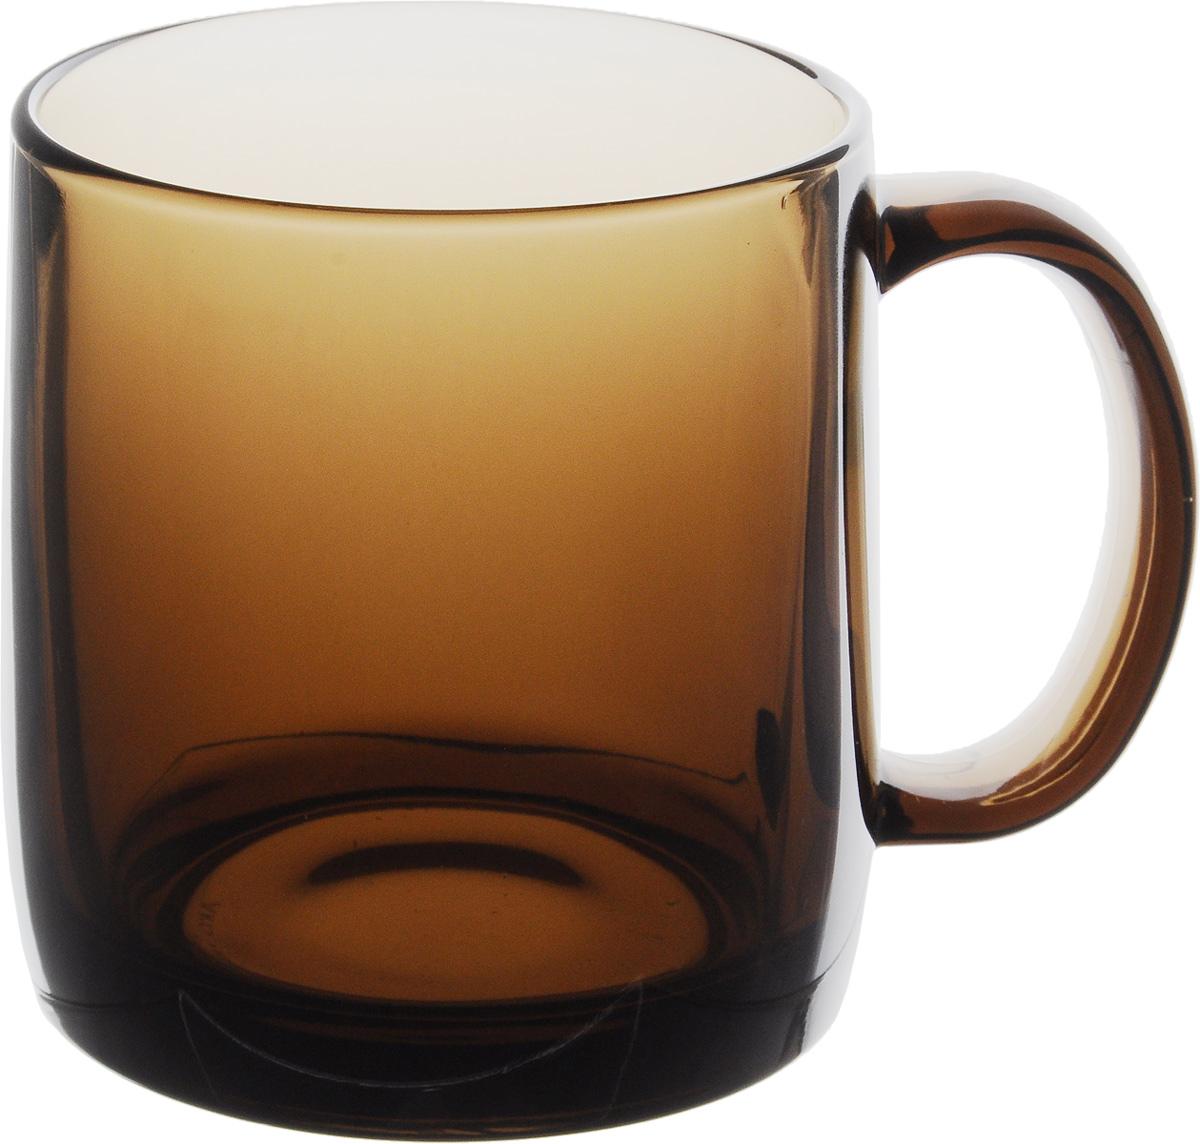 Кружка Luminarc Nordic Eclipse, 380 млH0253_темное стеклоКружка Luminarc Nordic Eclipse, изготовленная из прочного темного стекла, прекрасно подойдет для подачи горячих и холодных напитков. Она дополнит коллекцию вашей кухонной посуды и будет служить долгие годы. Диаметр кружки (по верхнему краю): 8 см. Высота стакана: 9,5 см.